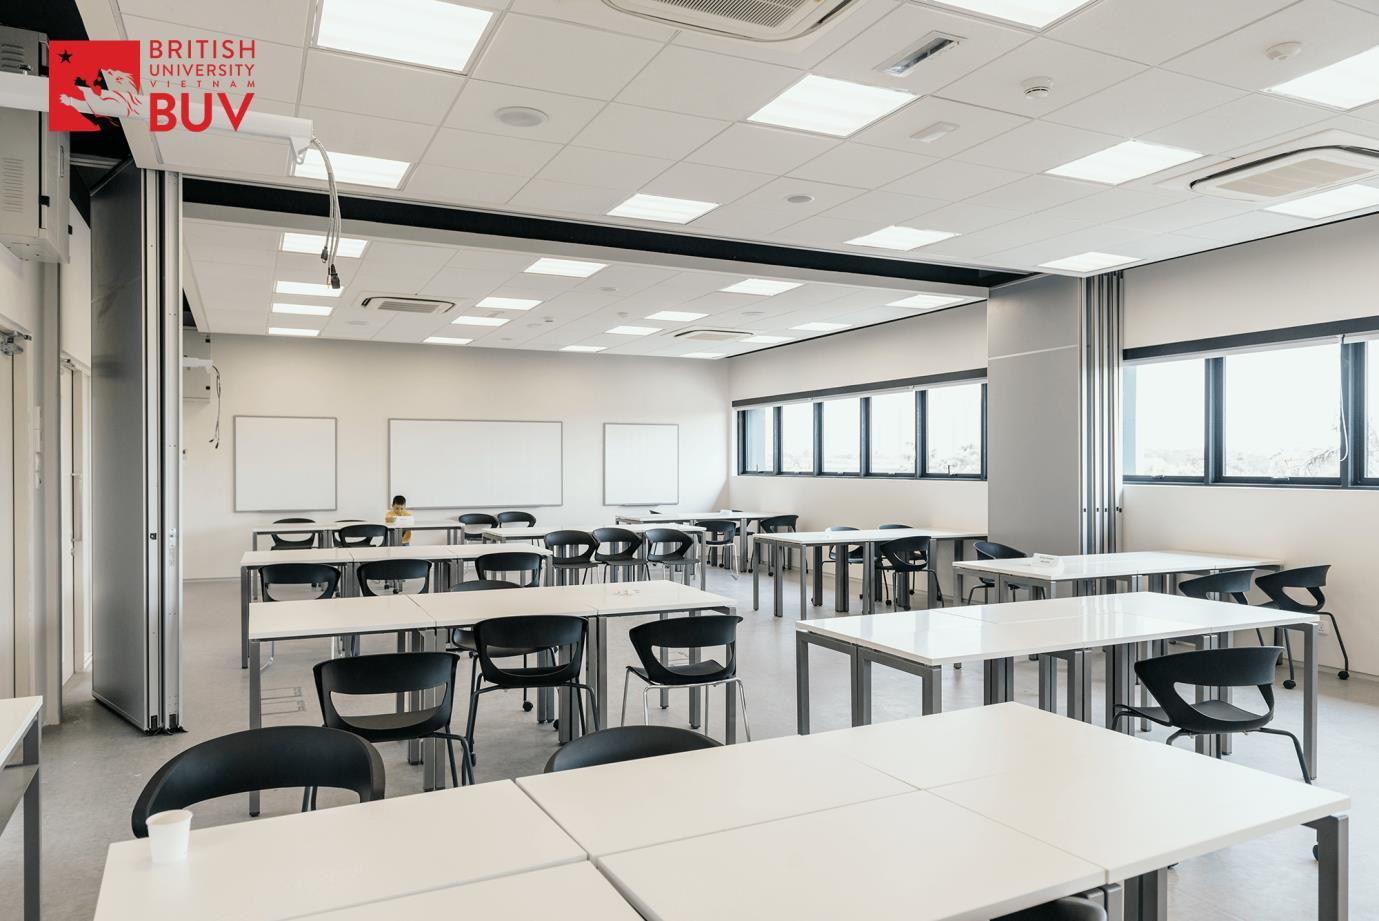 BUV thành lập quỹ học bổng Phát triển giáo dục địa phương lên đến hàng chục tỷ đồng - Ảnh 4.